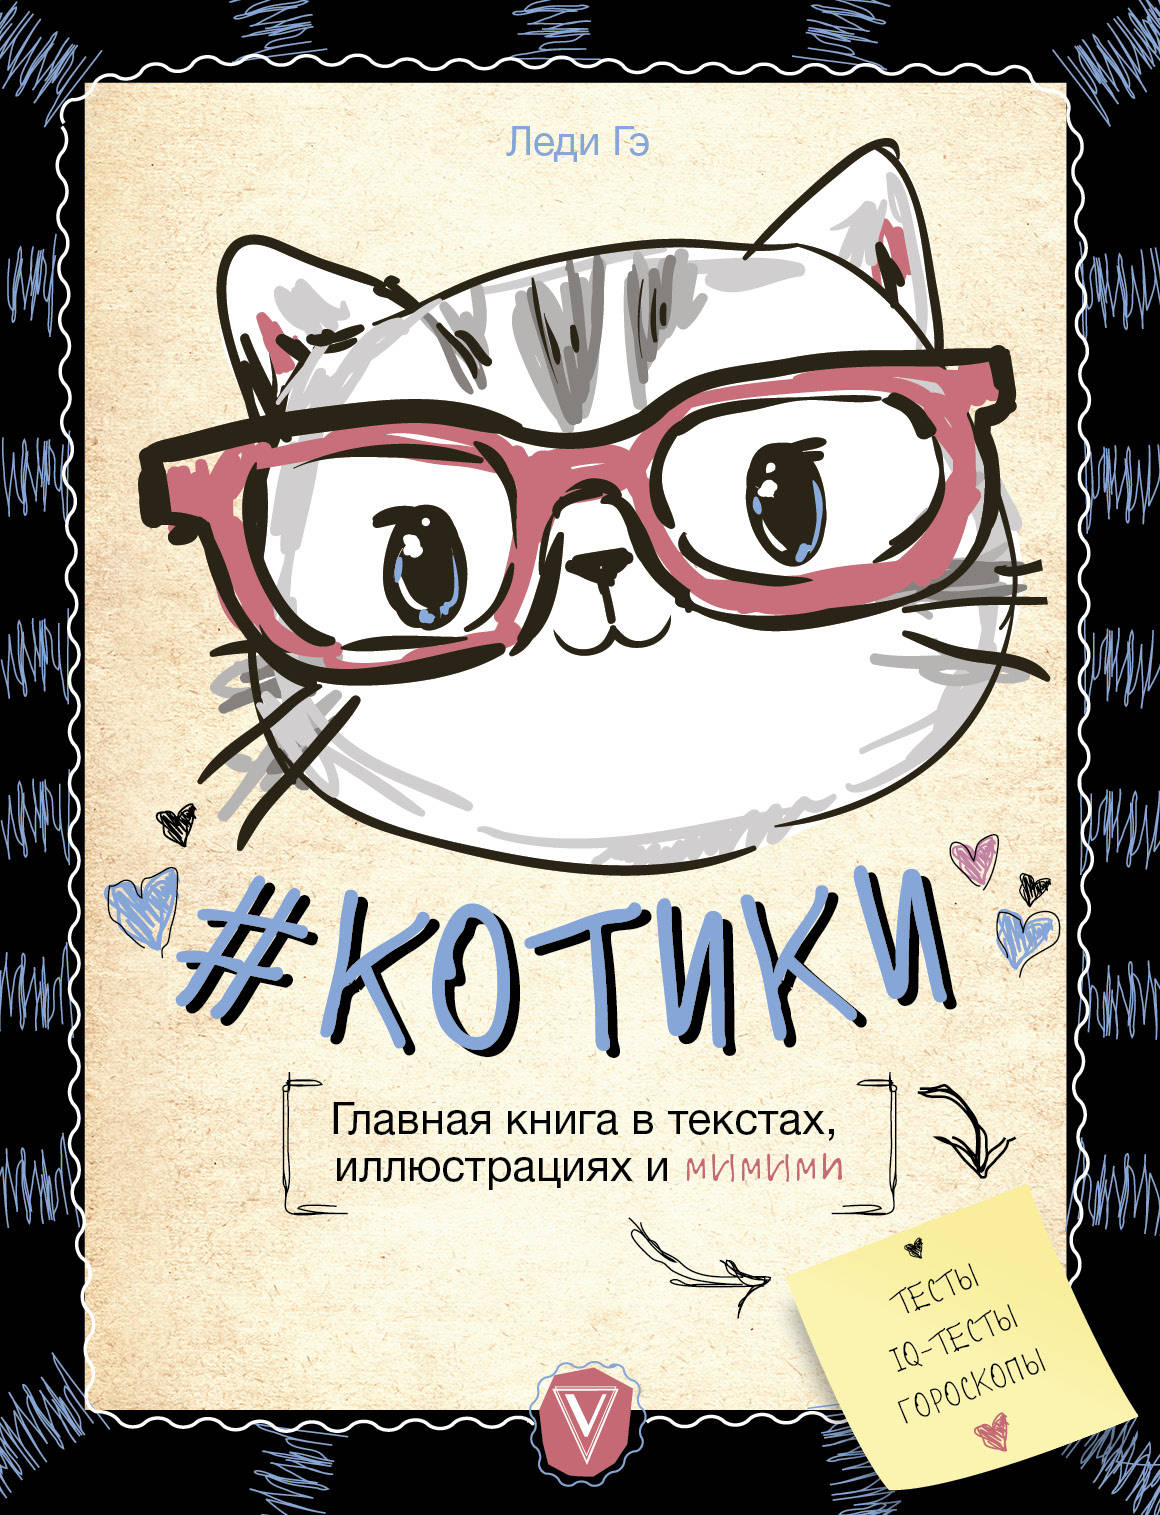 Леди Гэ. #КОТИКИ. Главная книга в текстах, иллюстрациях и мимими